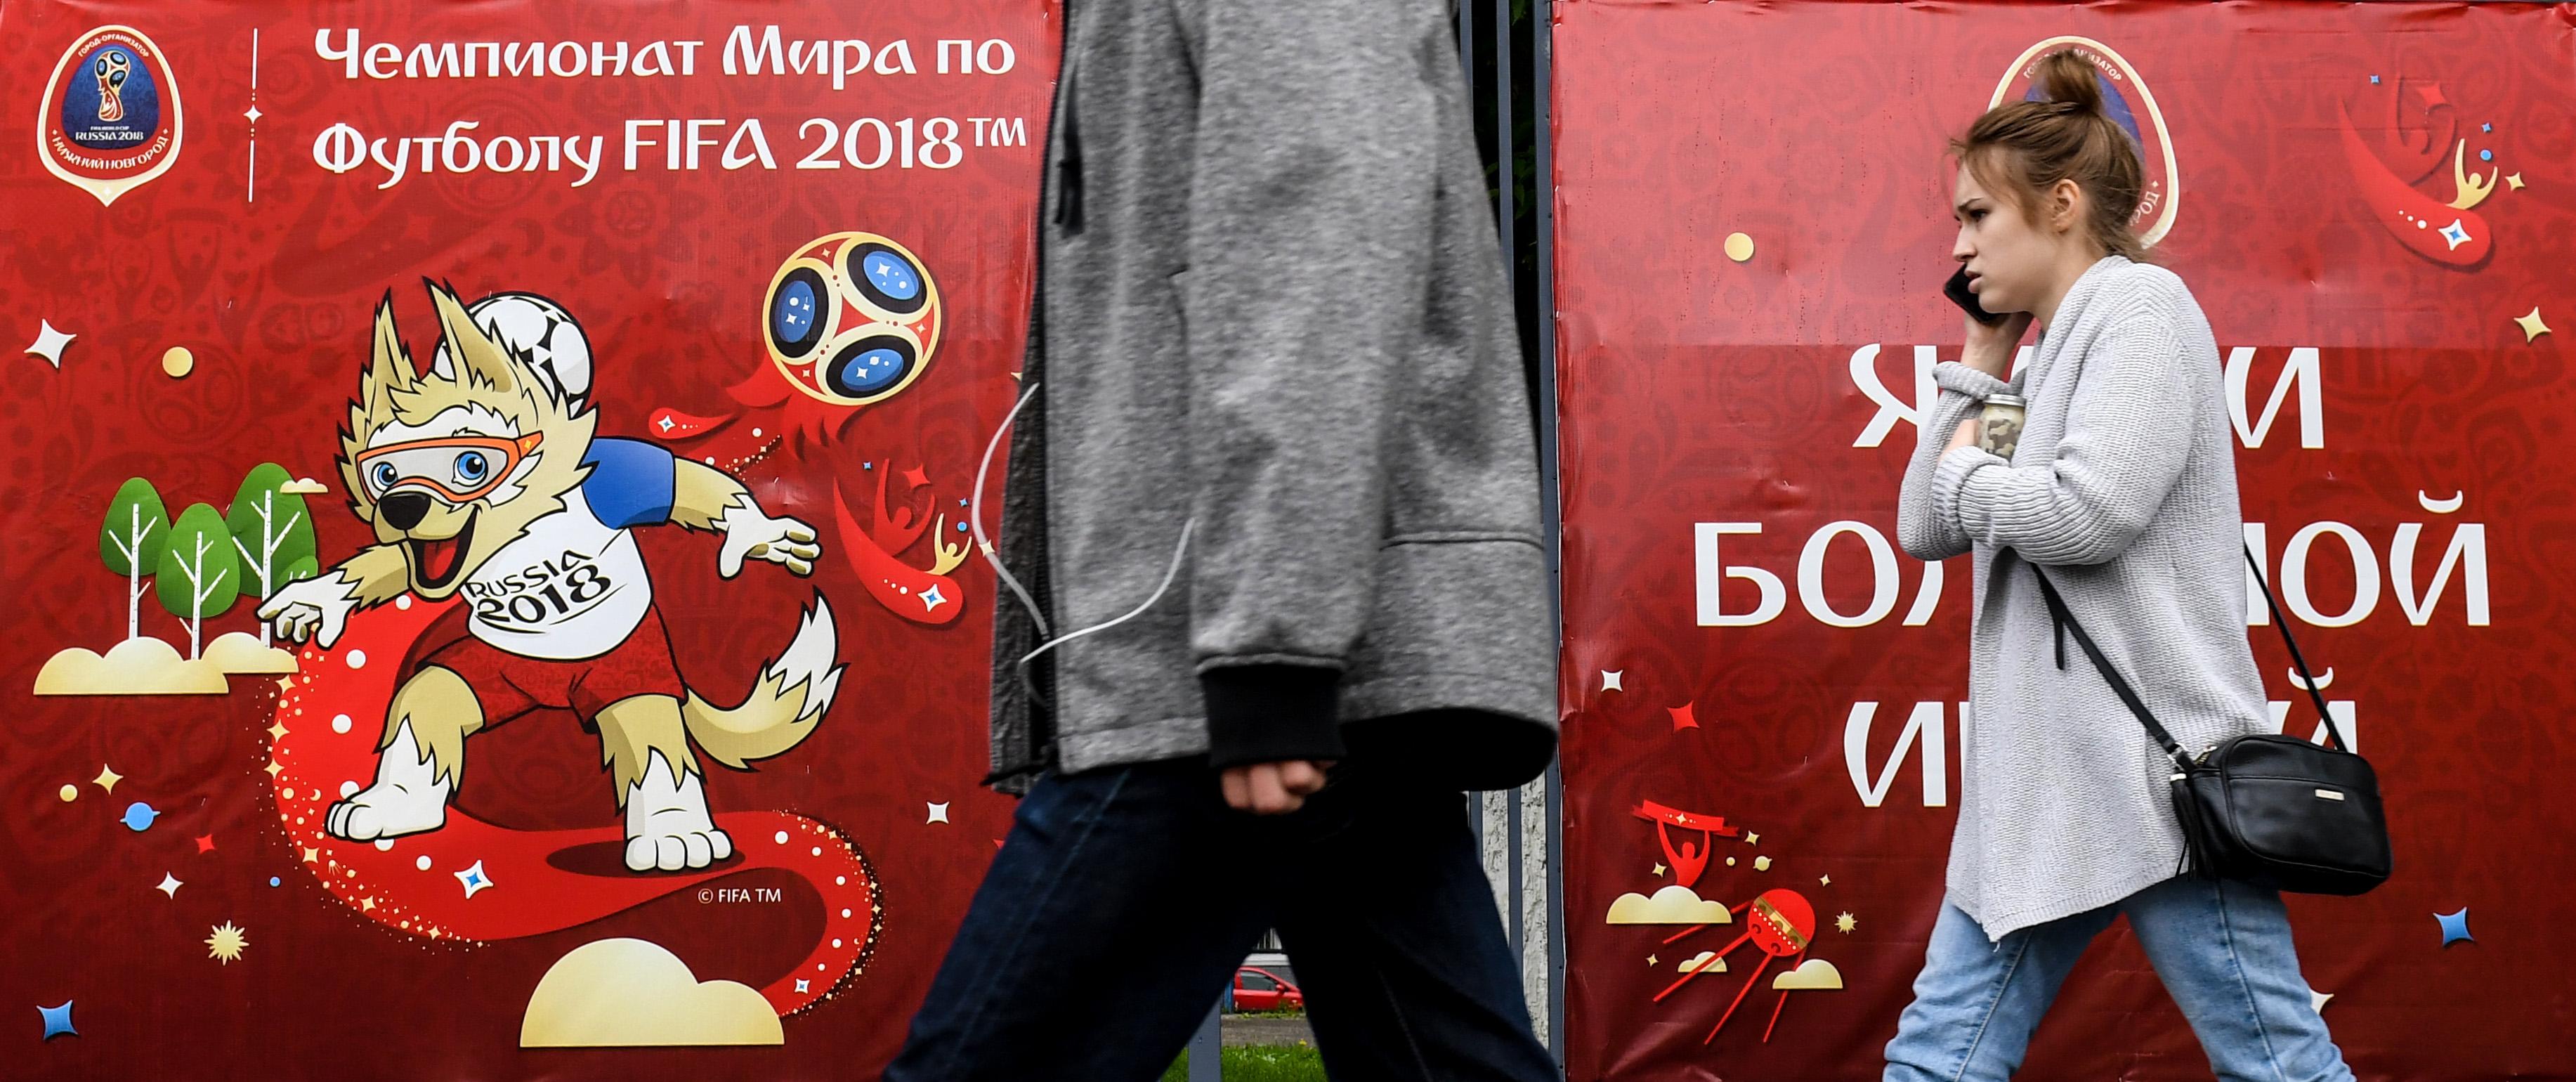 أجواء كأس العالم